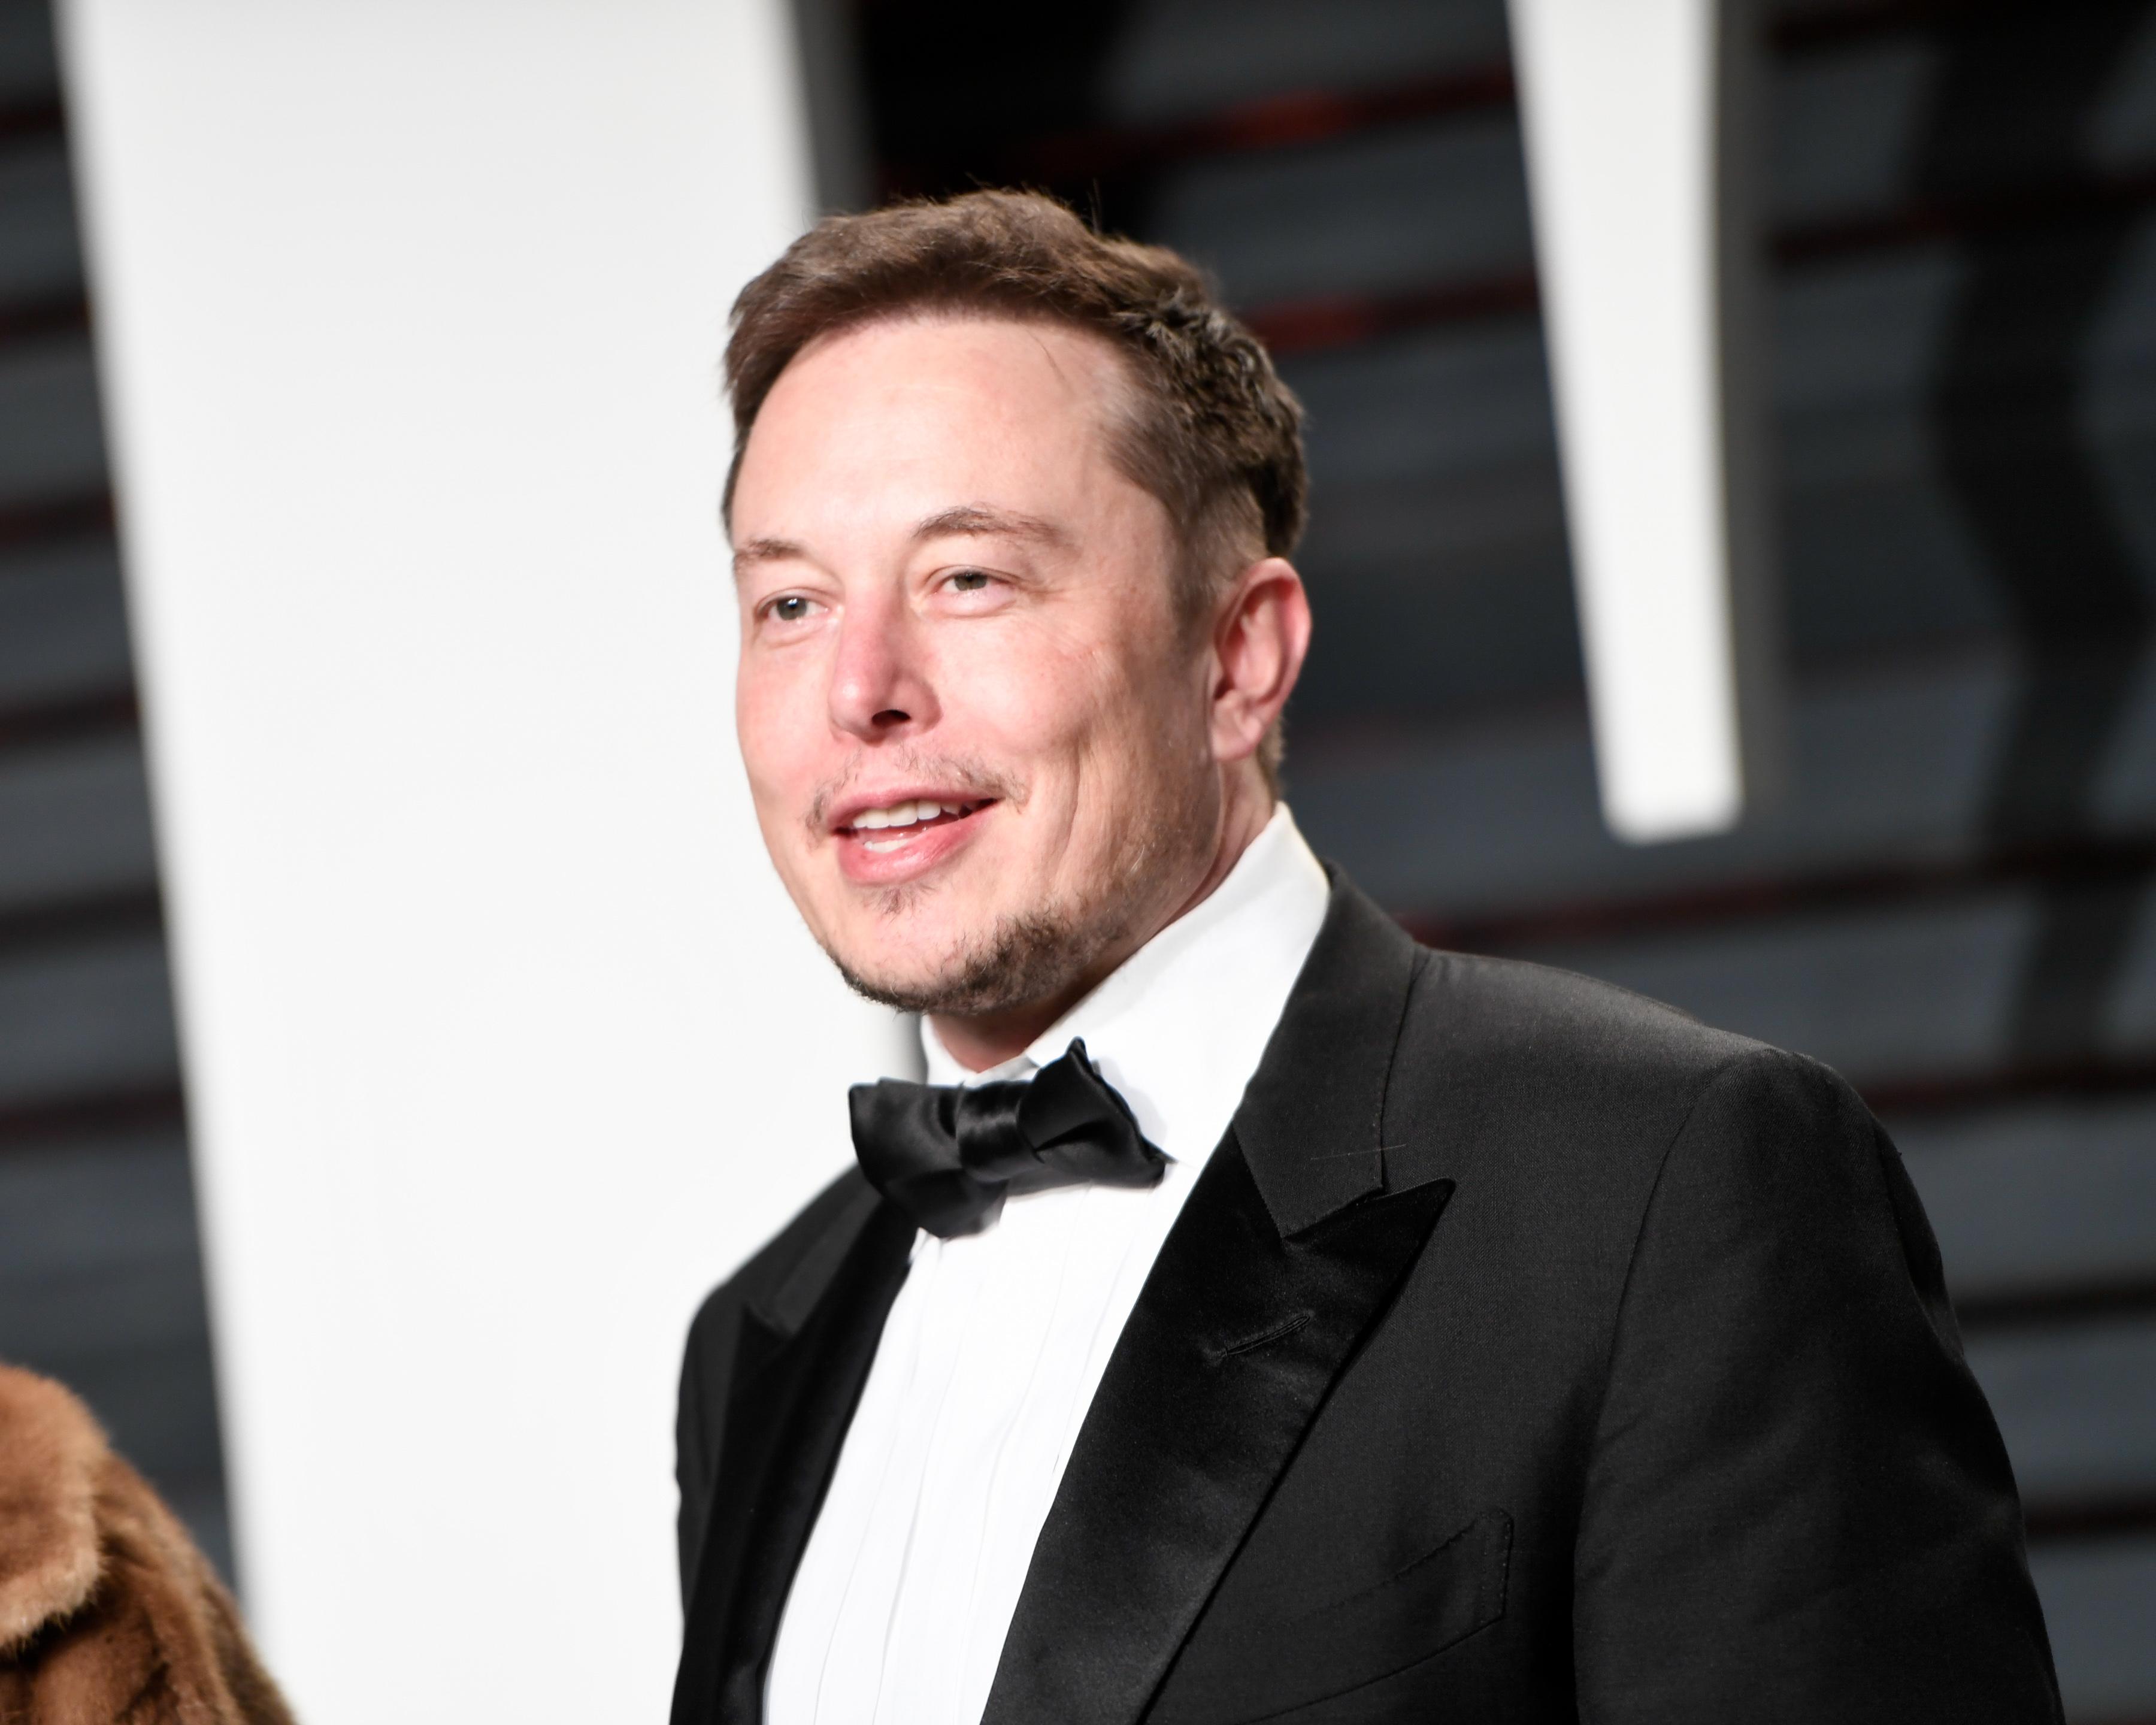 Илон маск – гений, миллиардер, филантроп